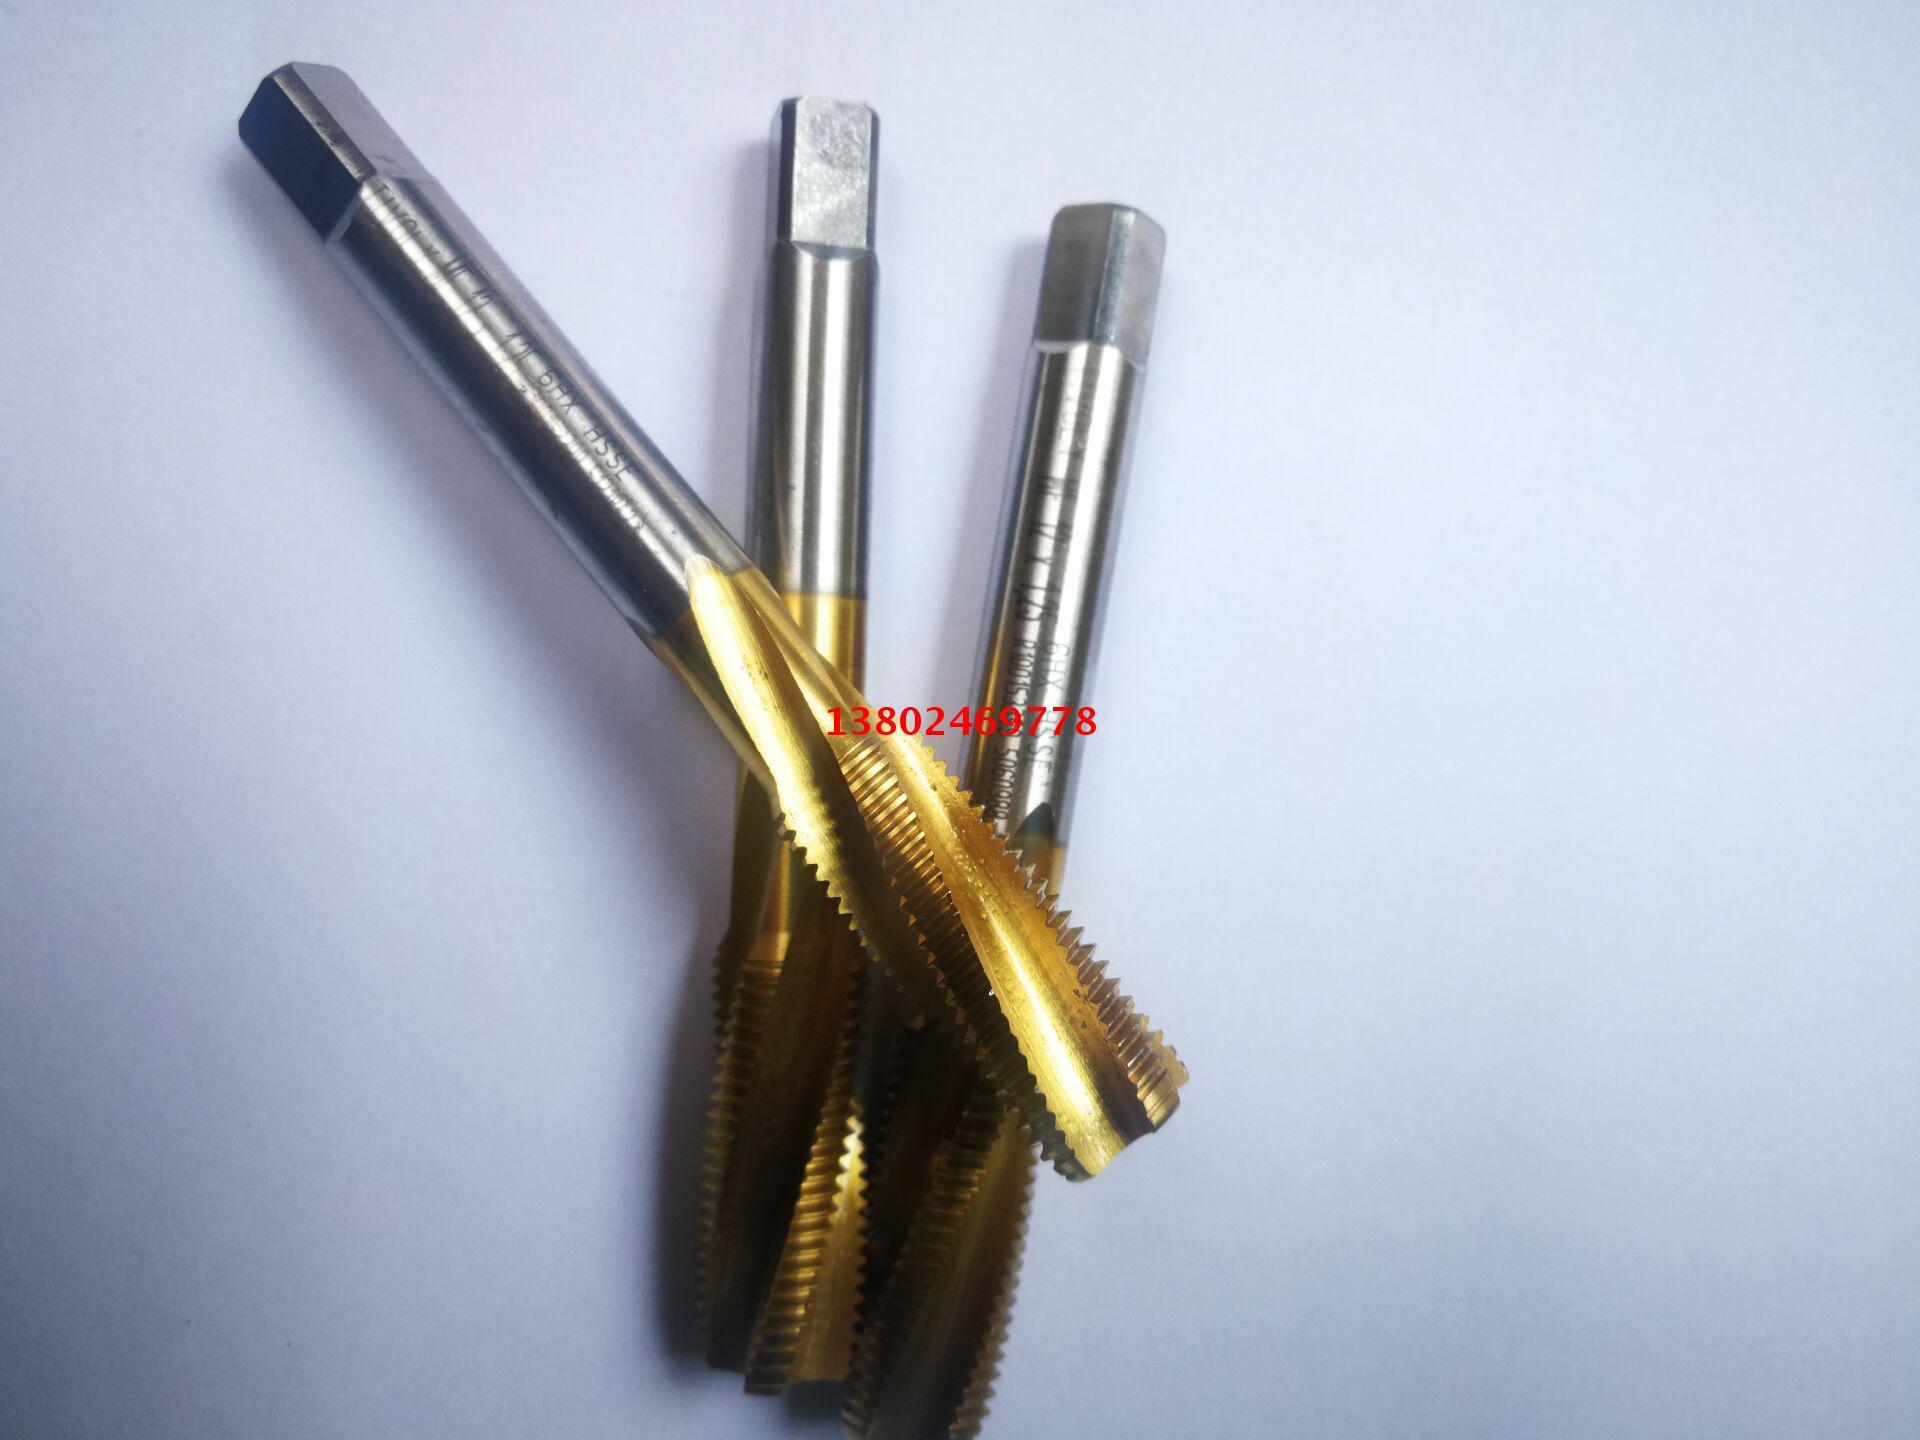 Las importaciones de Francia - TIVOLY cobalto de segunda mano espiral de alambre de acero inoxidable de la TAP M12 * 1,25